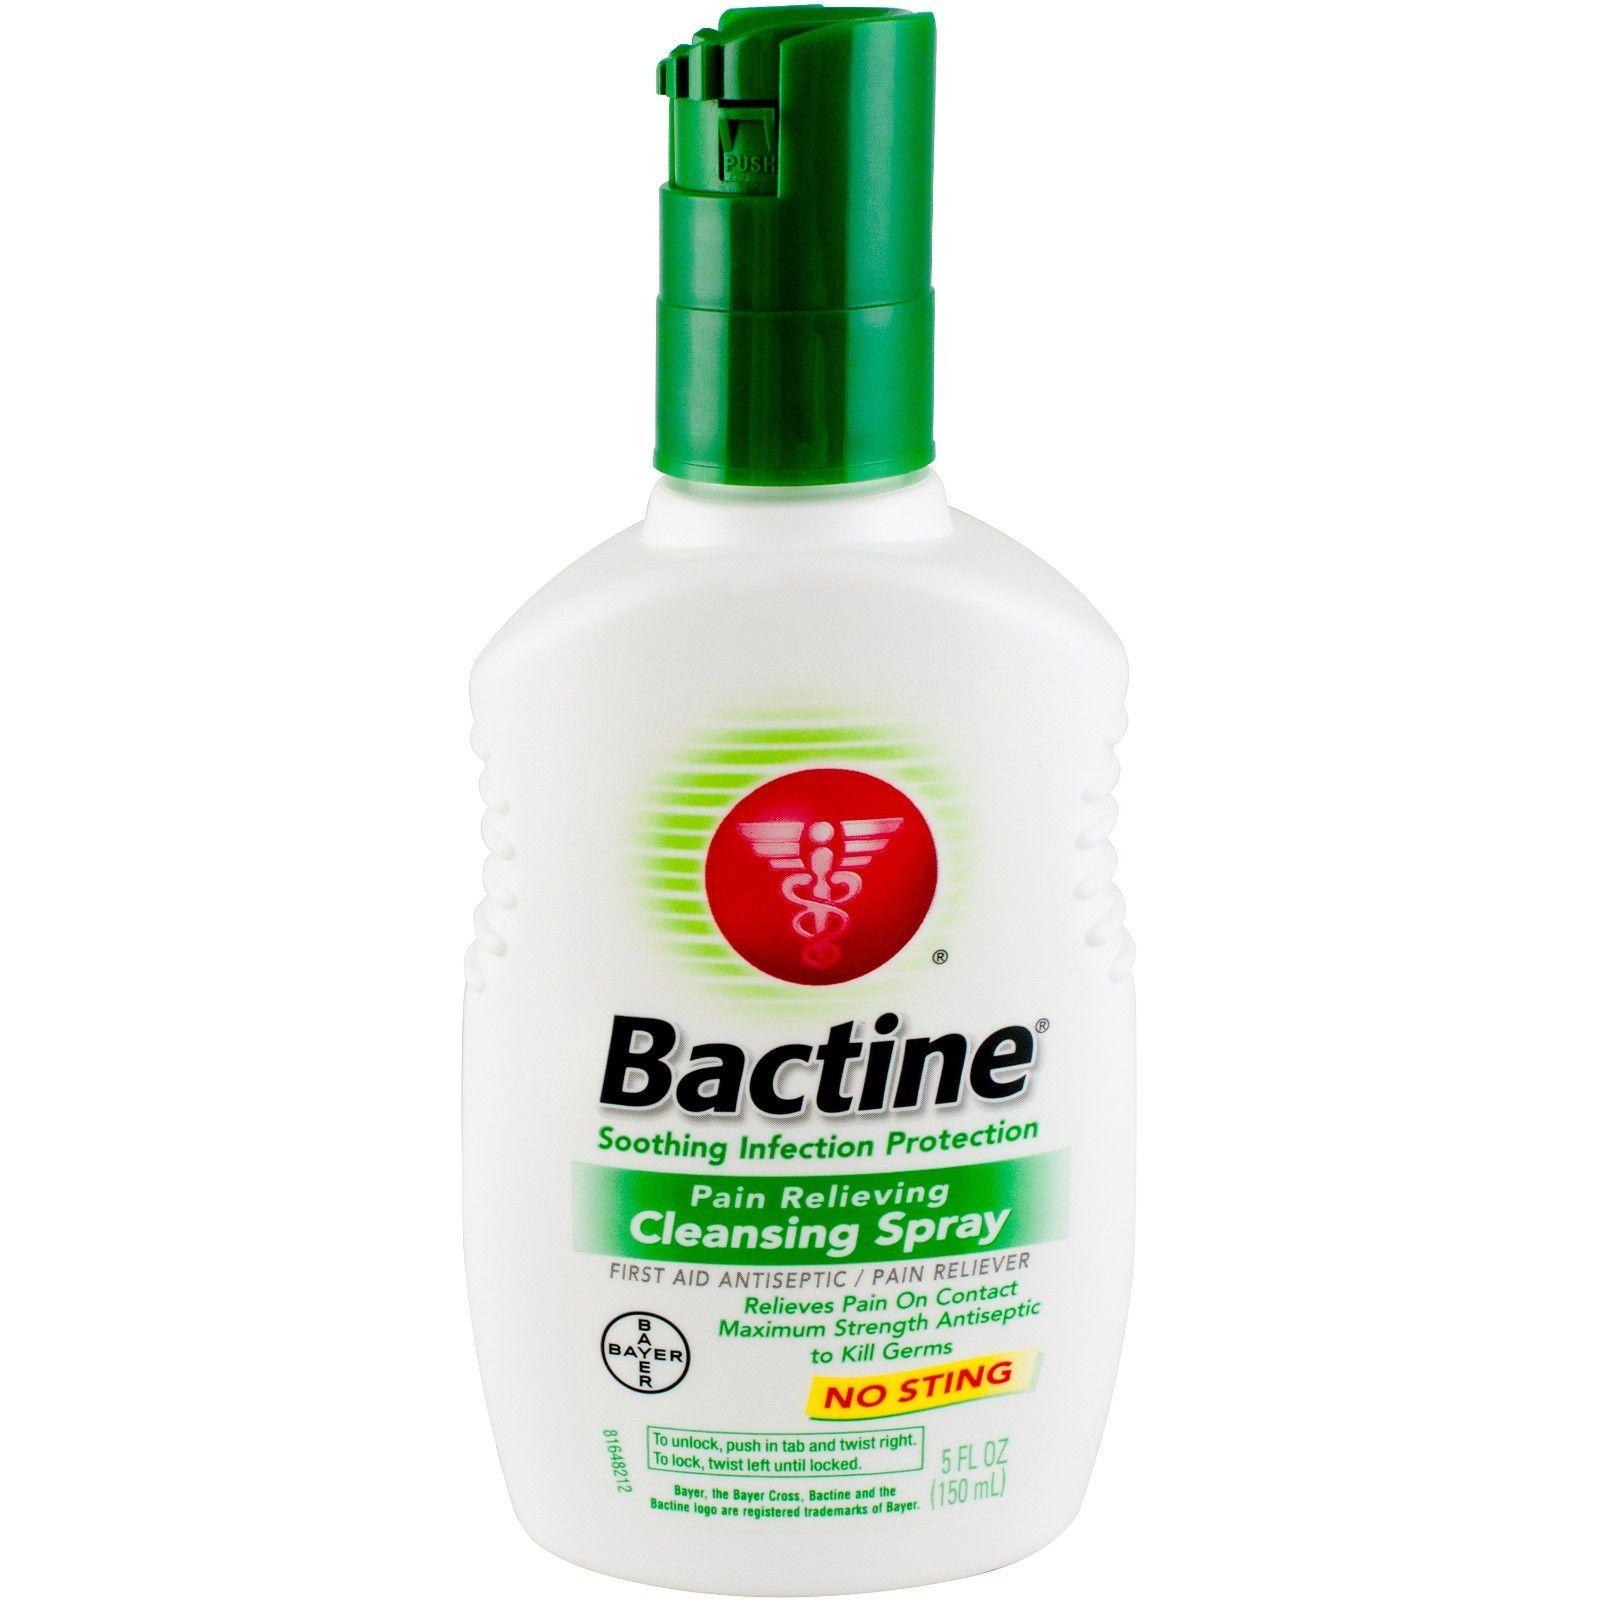 Billede af det ulovlige produkt: Bactine